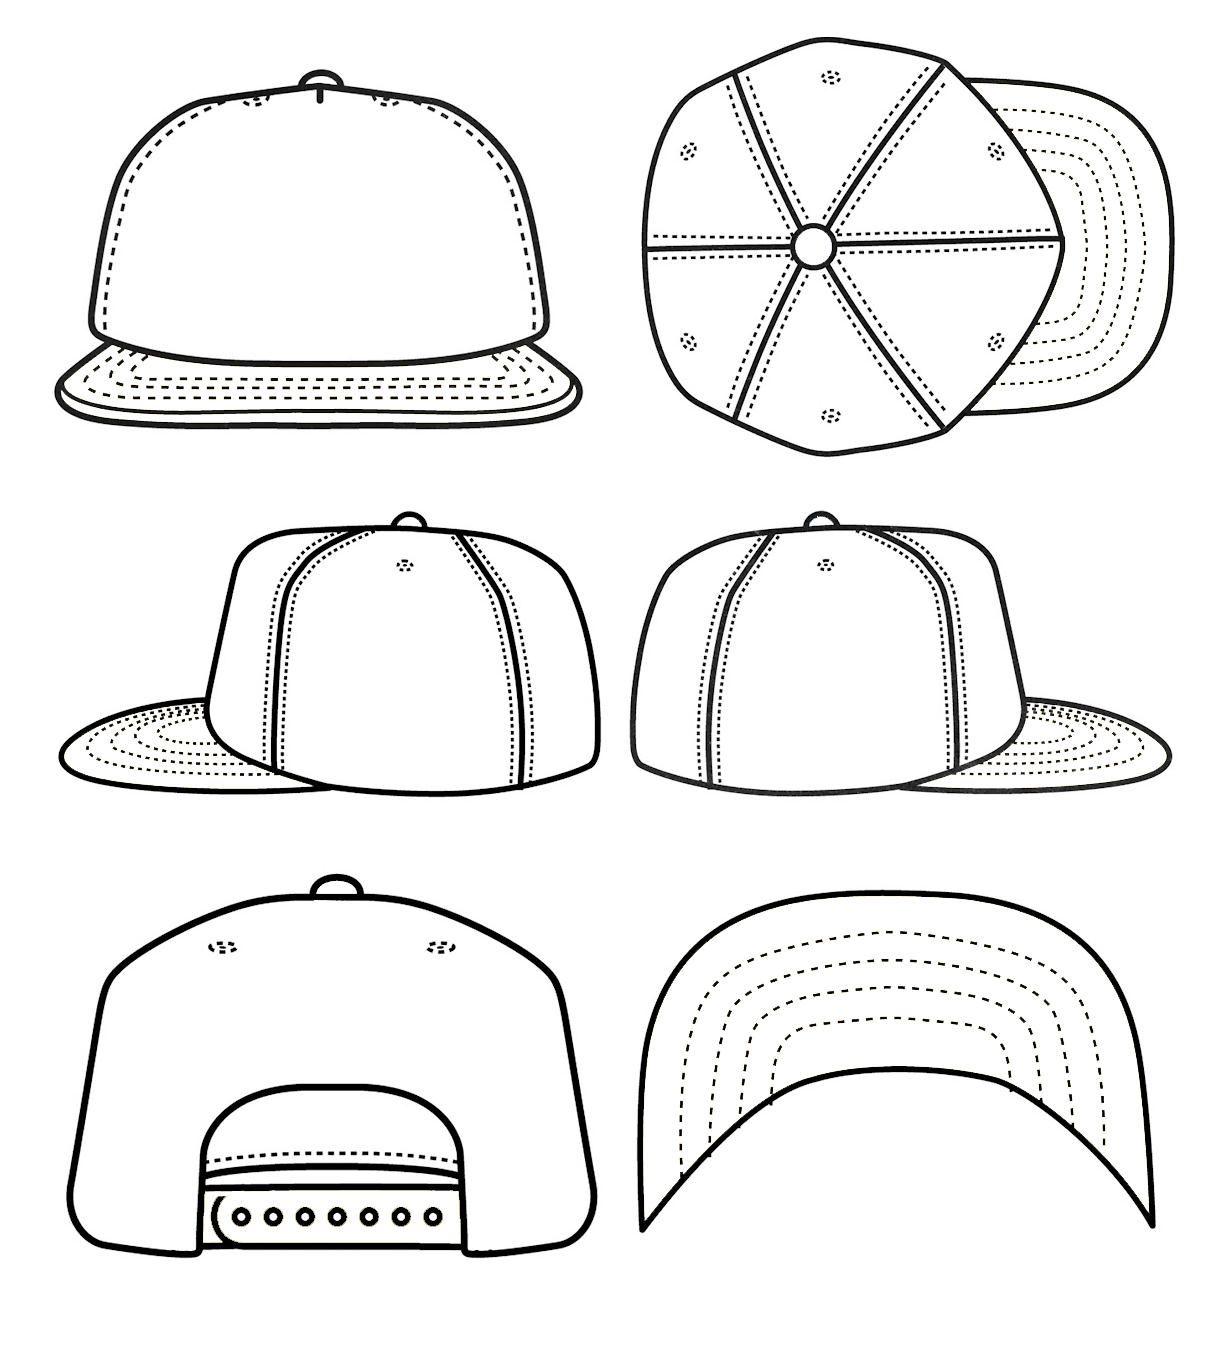 hat design templates.